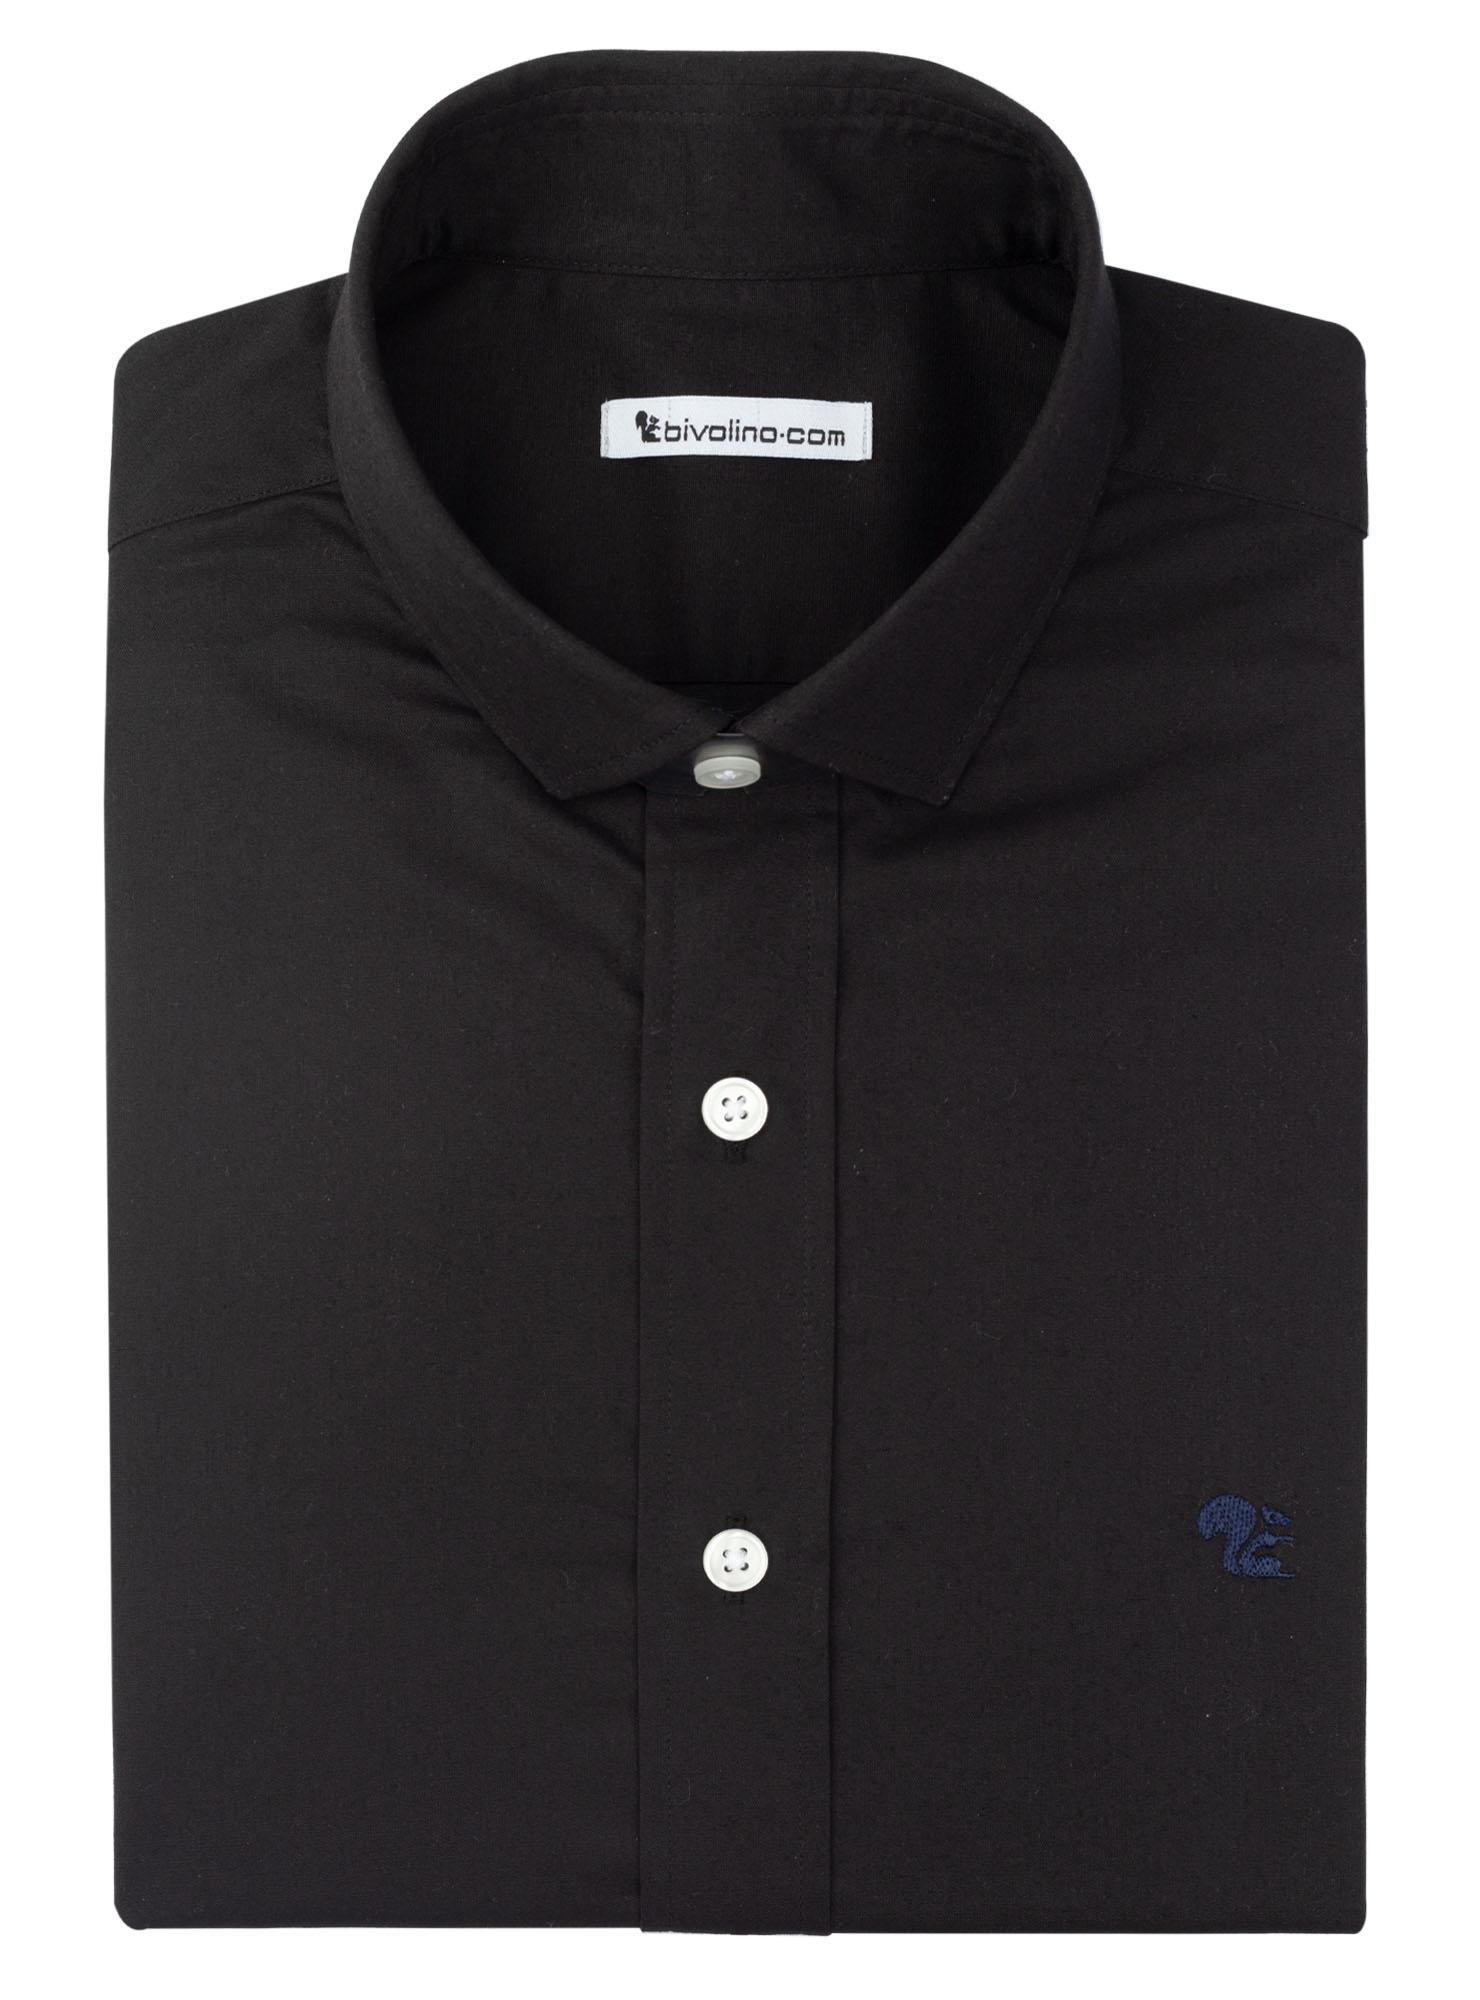 BLIARI - Baumwolle Stretch Herrenhemd - Reso 7